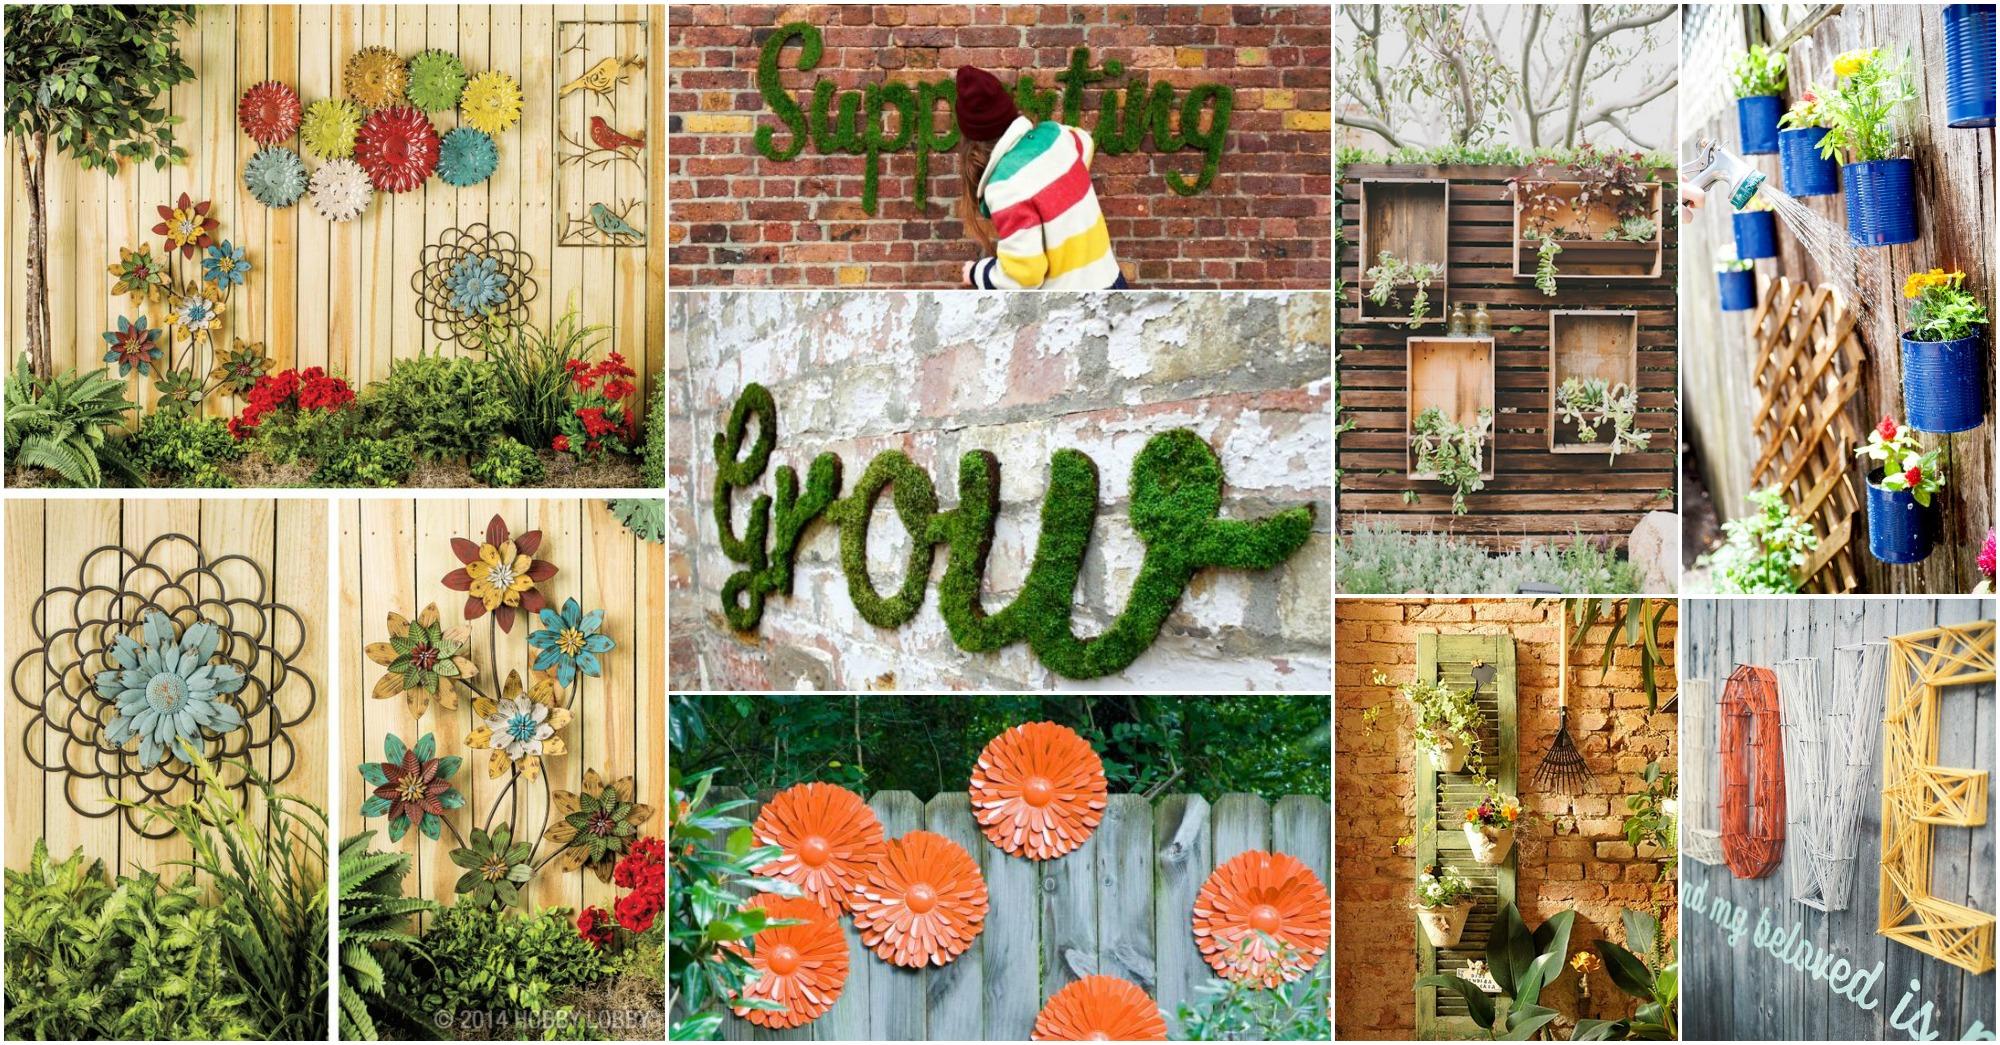 Fullsize Of Backyard Fence Decoration Ideas